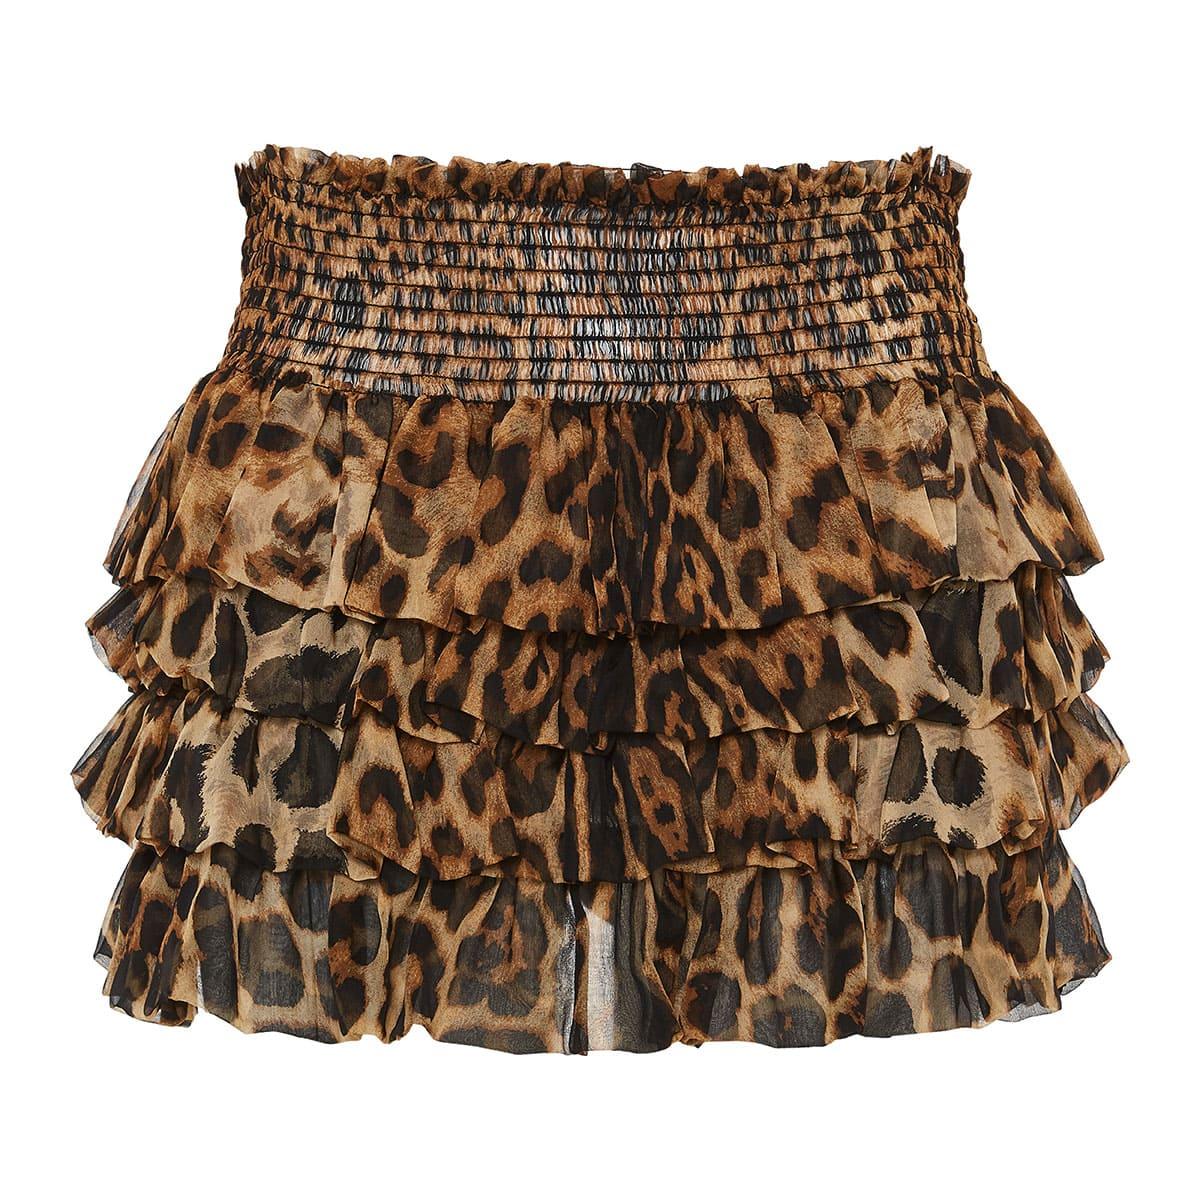 Leopard ruffled mini tiered skirt